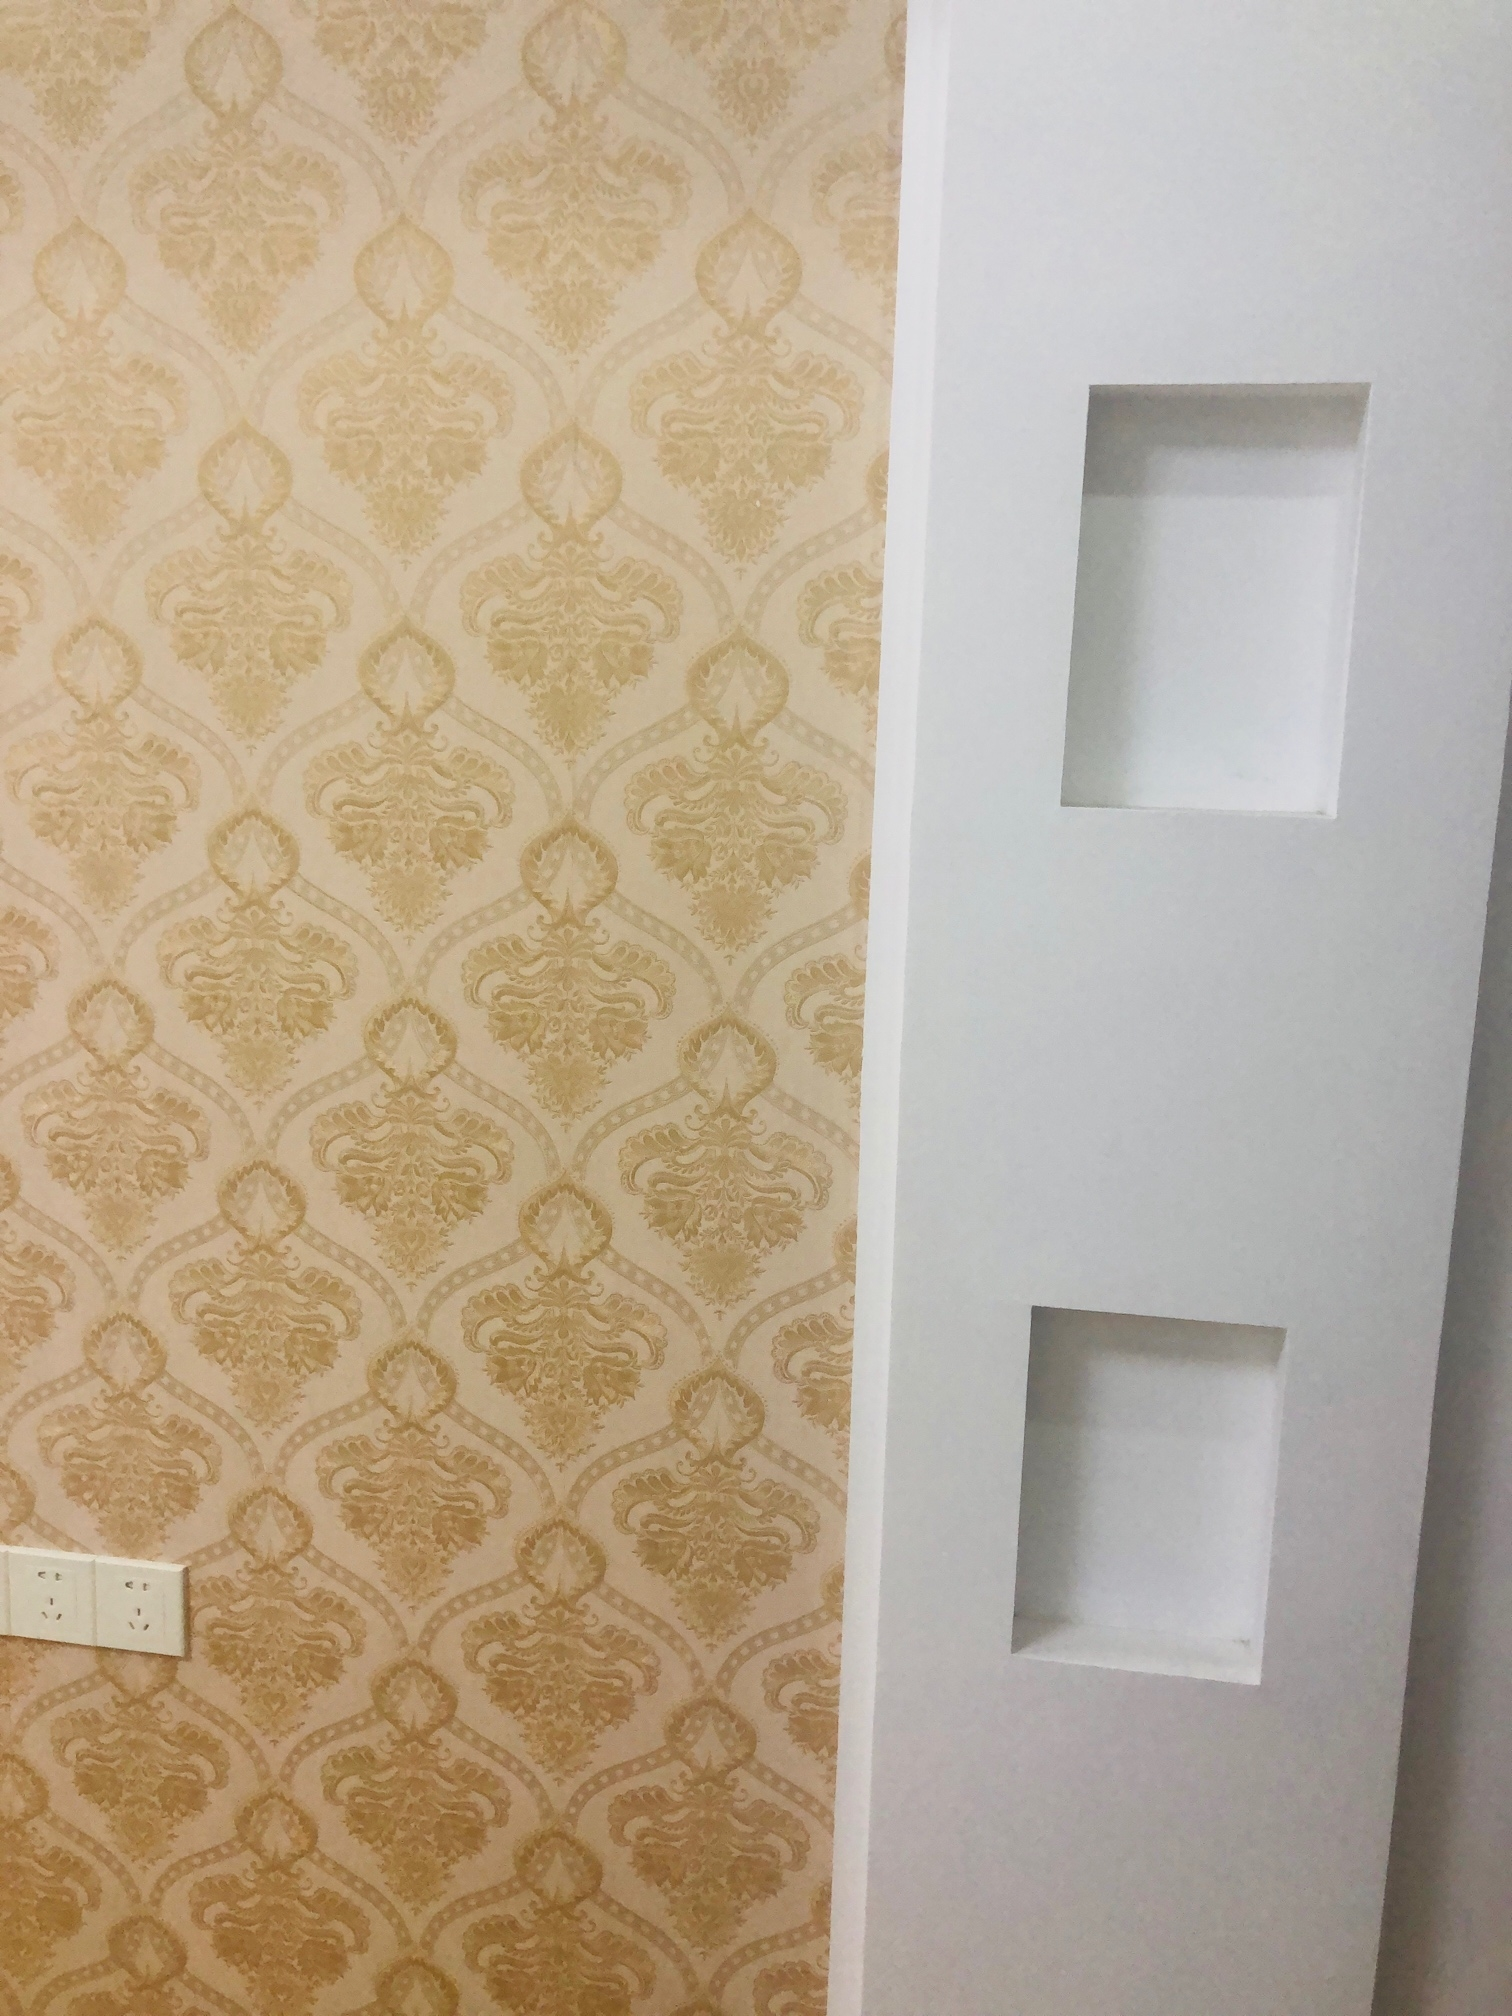 请问这是什么设计?这个酒柜我要怎么使用?还有电视背景墙的两个槽是是做什么用的?